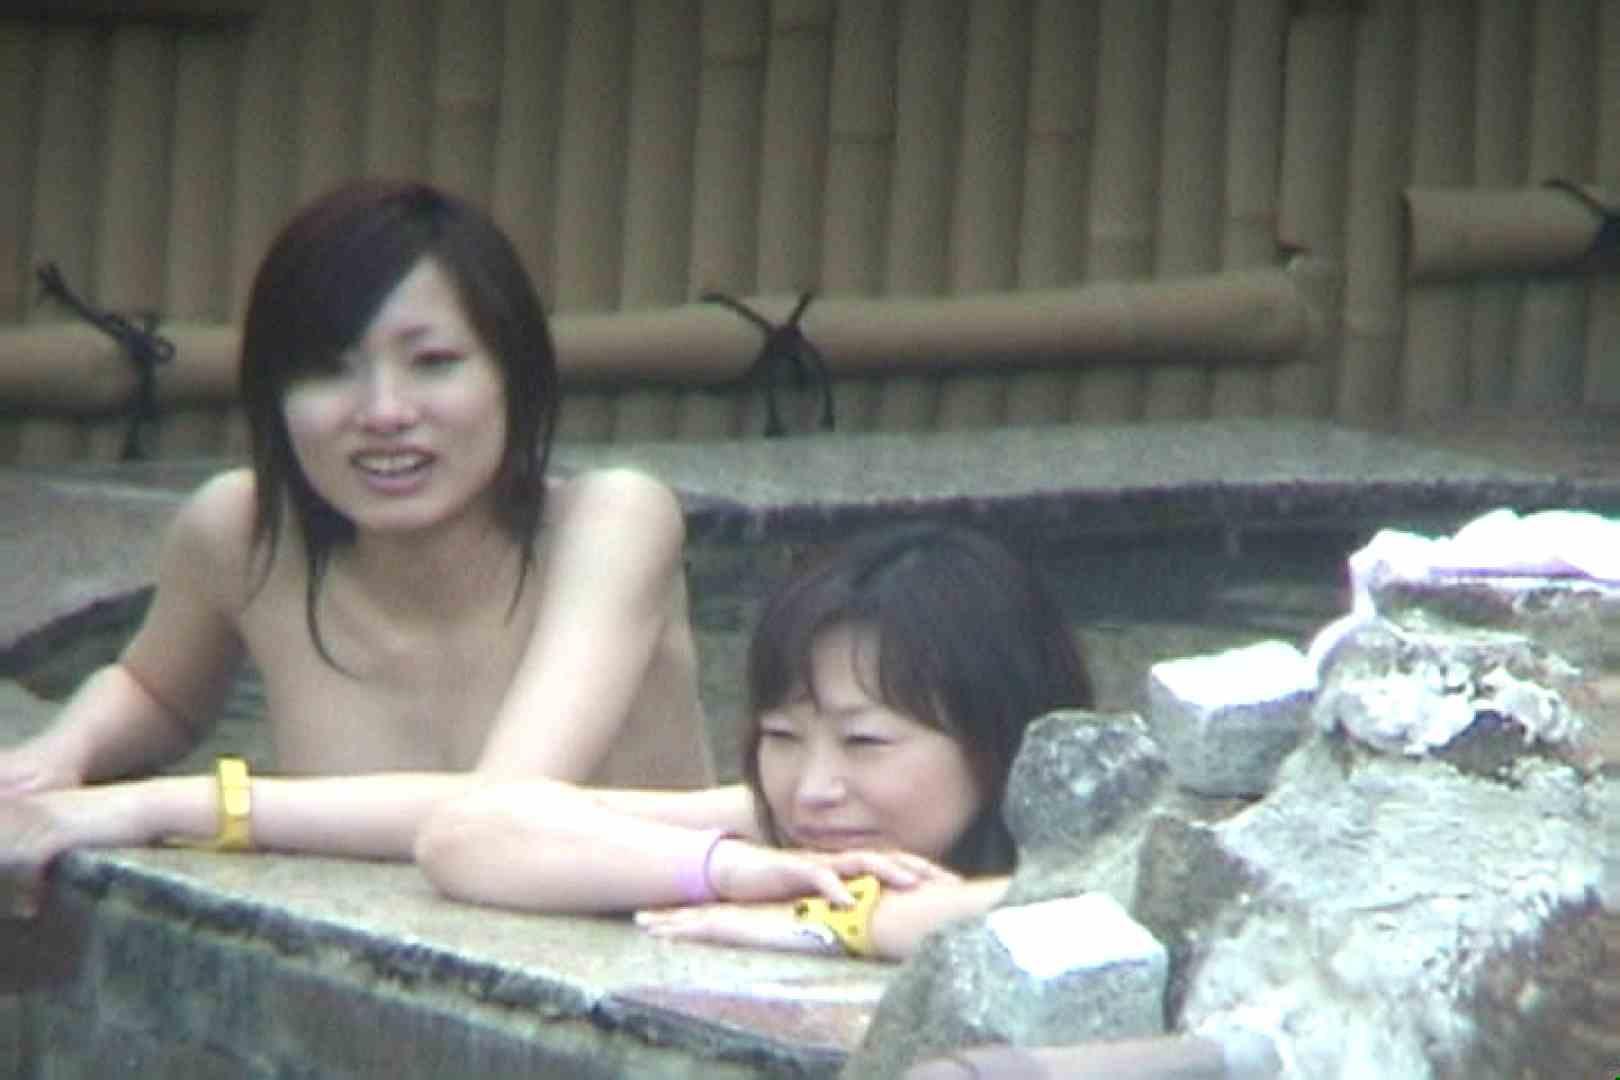 Aquaな露天風呂Vol.58【VIP限定】 美しいOLの裸体  97pic 54